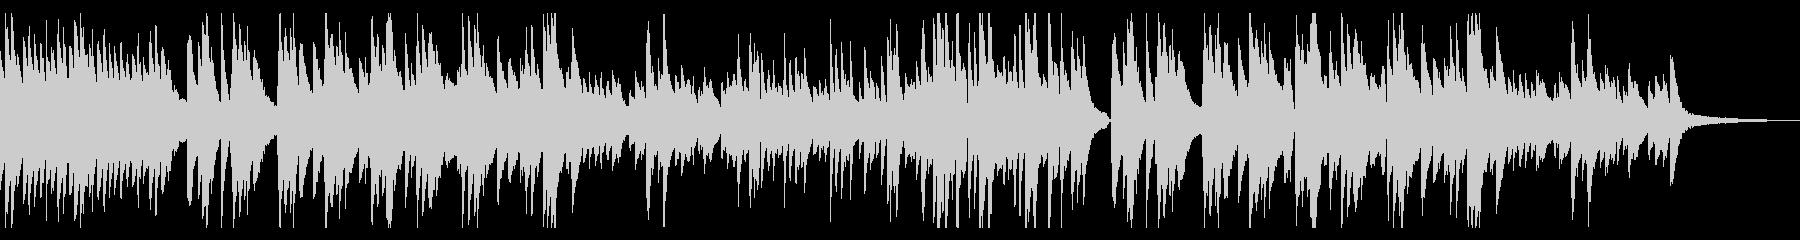 切なく温かいメロディのピアノソロバラードの未再生の波形